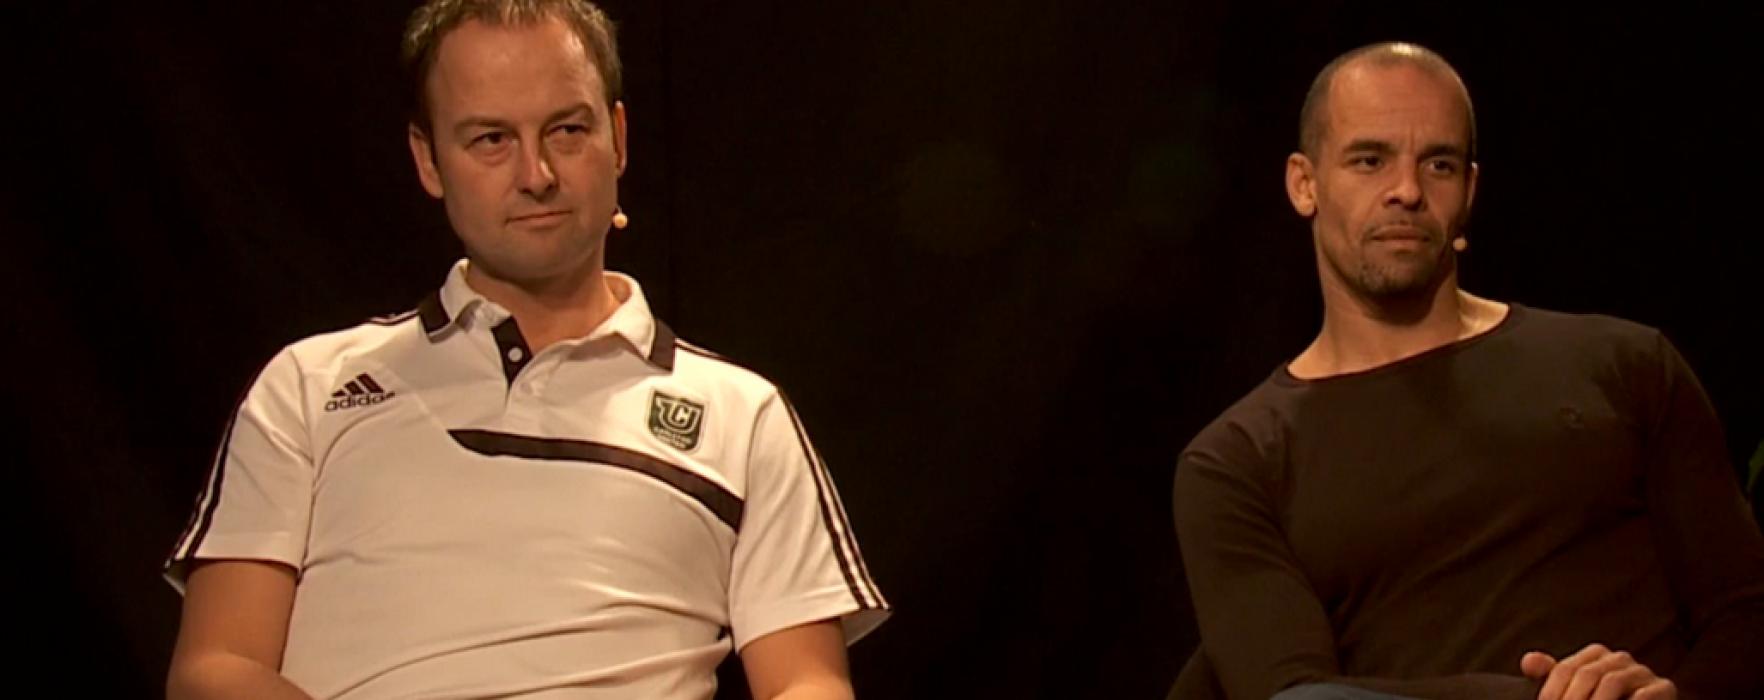 Glimt Sport – Jonas Rehnberg och Paul Olausson